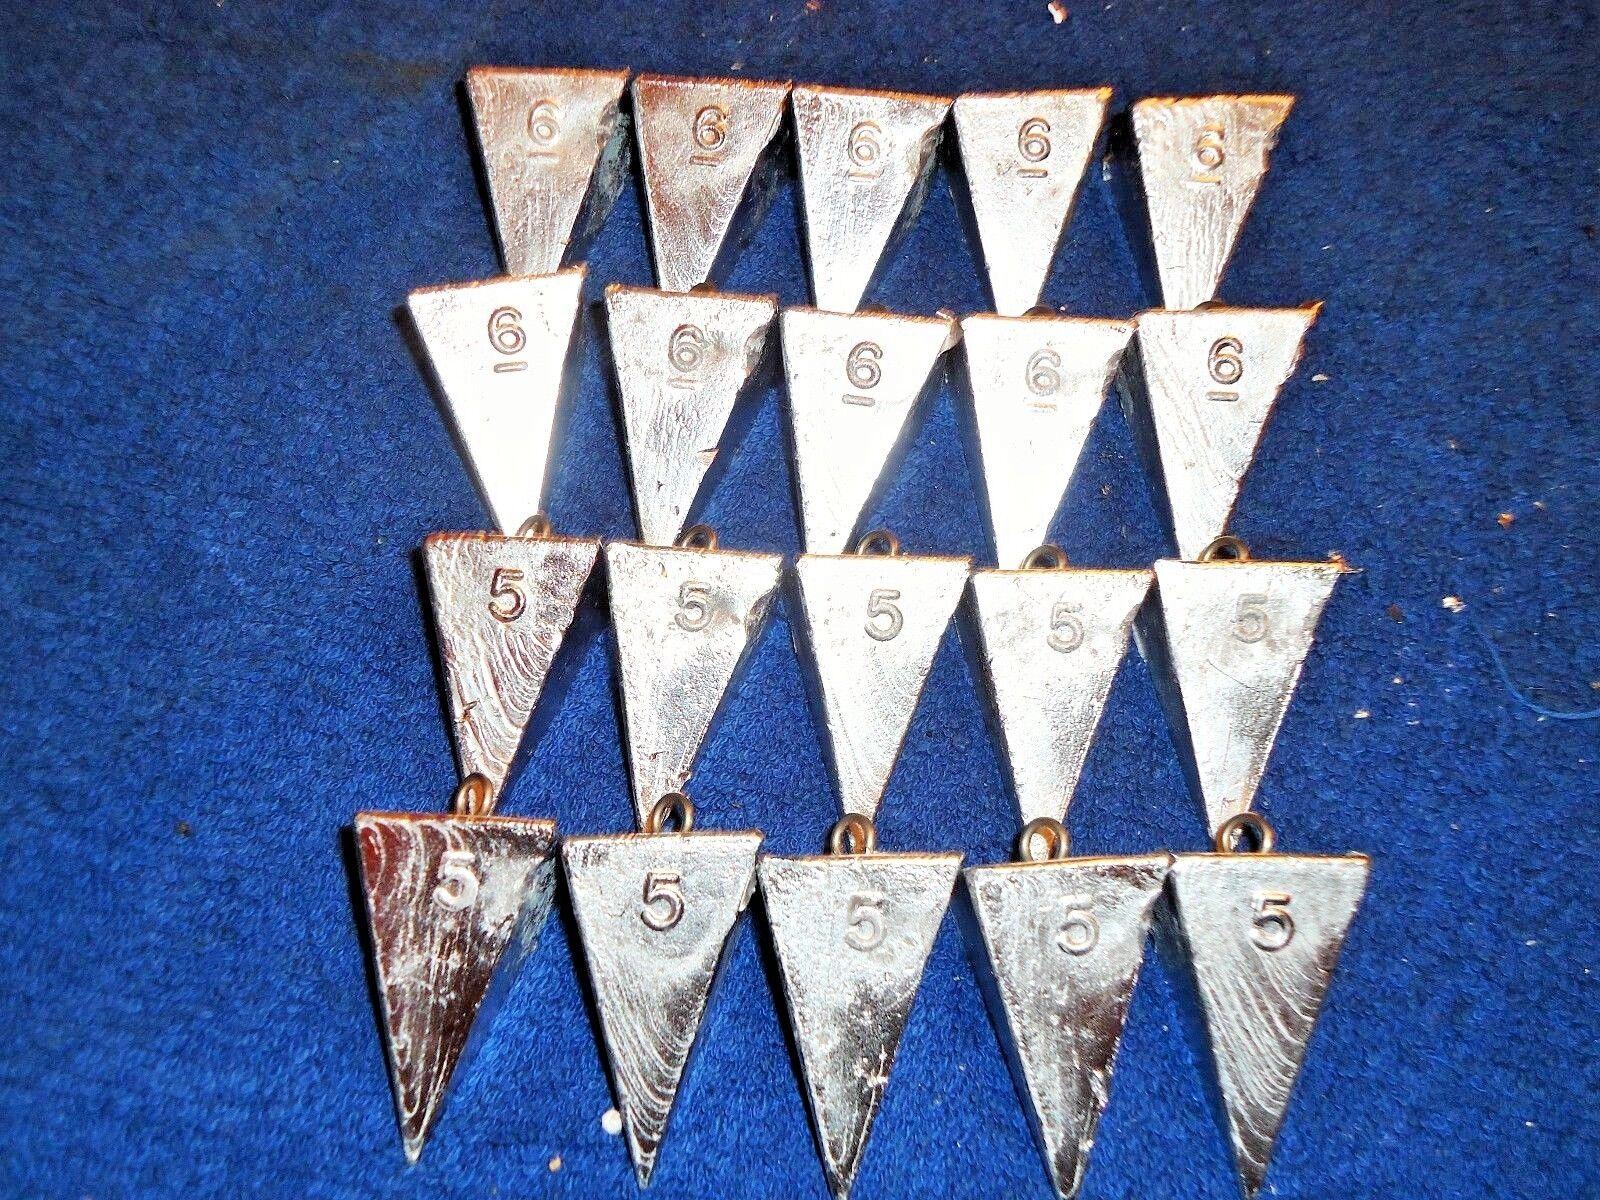 4 OZ  5 OZ  6 OZ PYRAMID SURF DECOY SINKERS LEAD WEIGHTS BRASS EYES